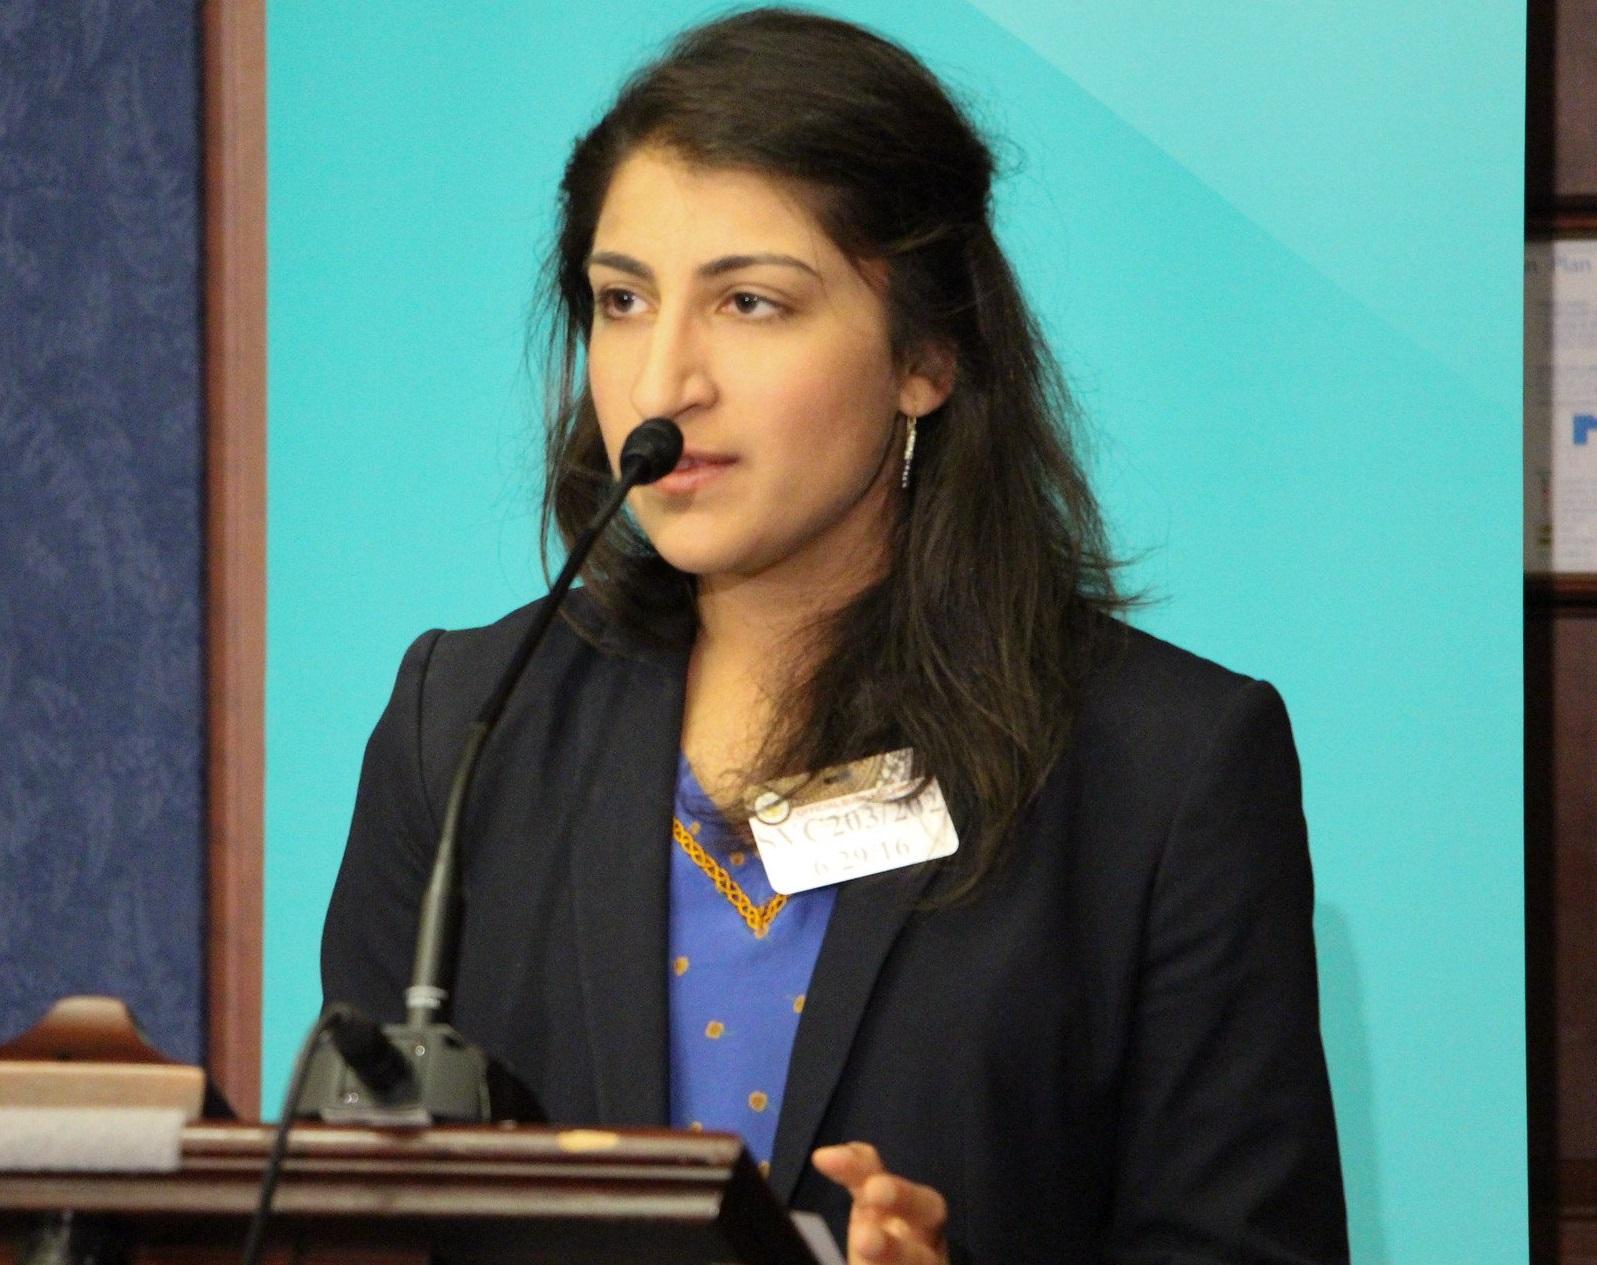 Lina Khan neo presidente Federal Trade Commission 1 - Tv & Media. Amazon: l'acquisizione di MGM sotto indagine della Federal Trade Commission